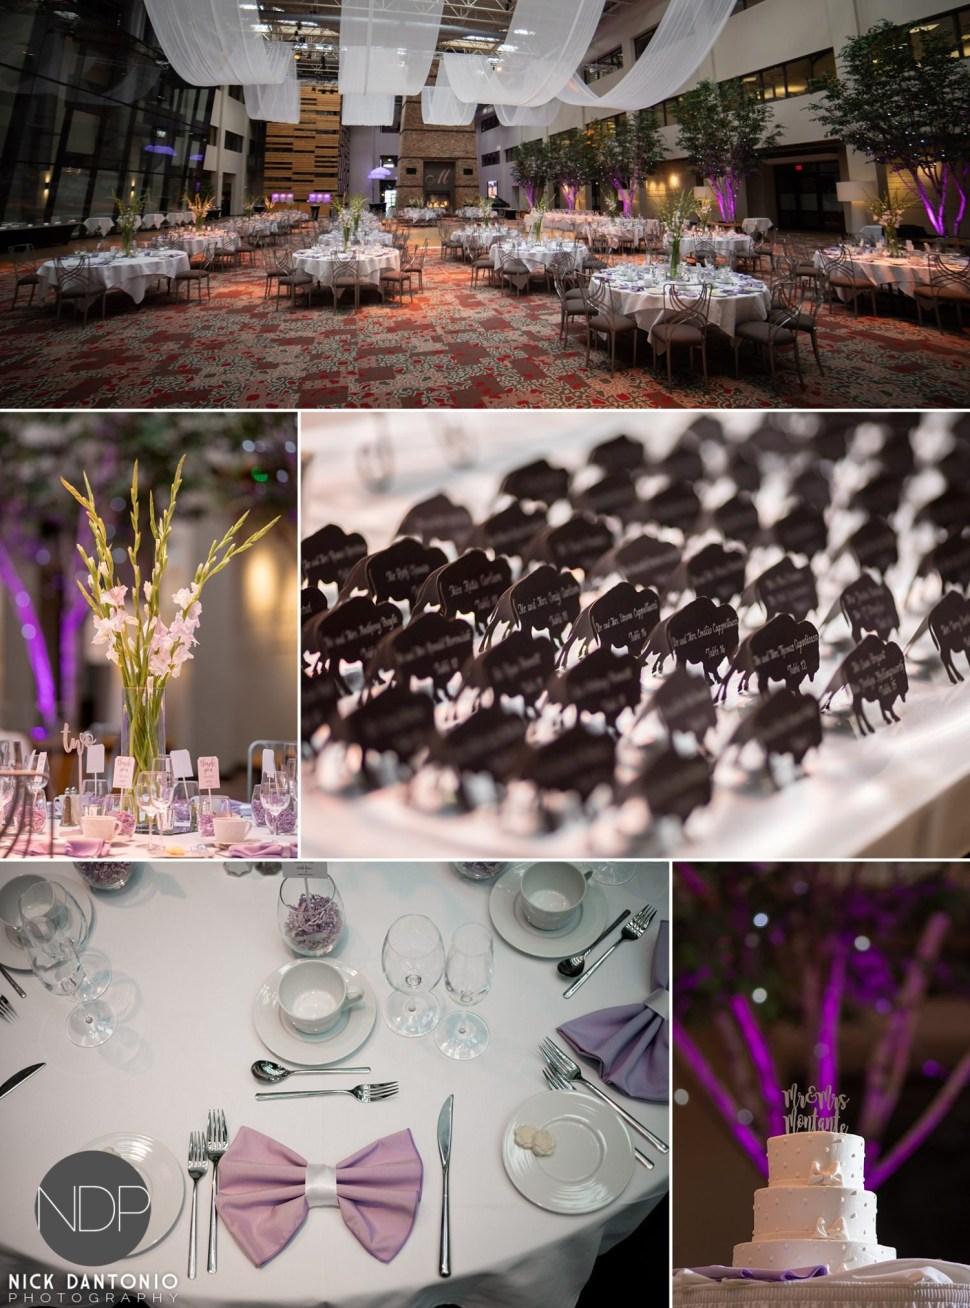 40-Buffalo Rich's Atrium Wedding Reception